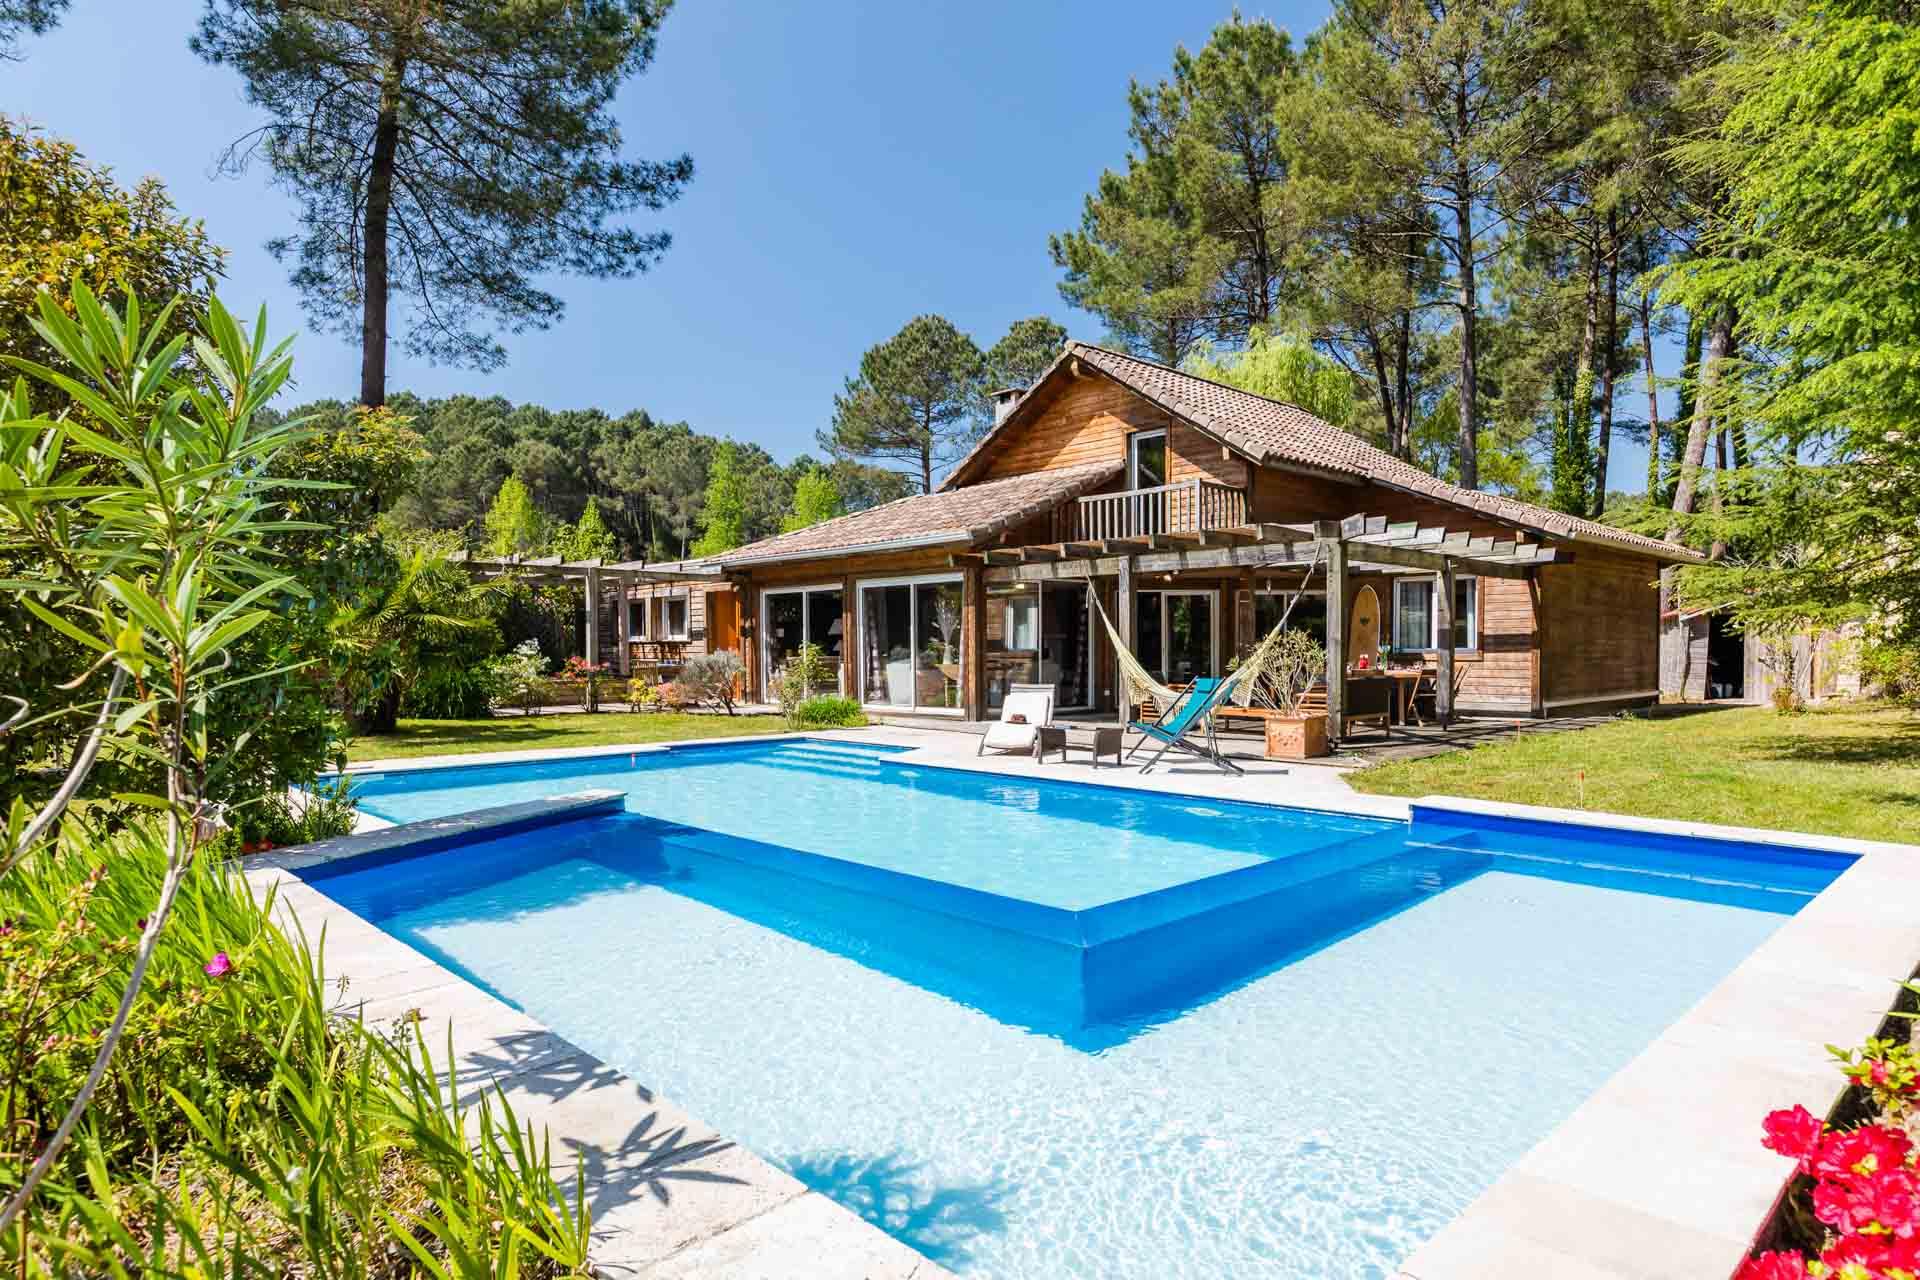 Villa en bois avec piscine chauff e 5km des plages - Location maison sud ouest piscine ...